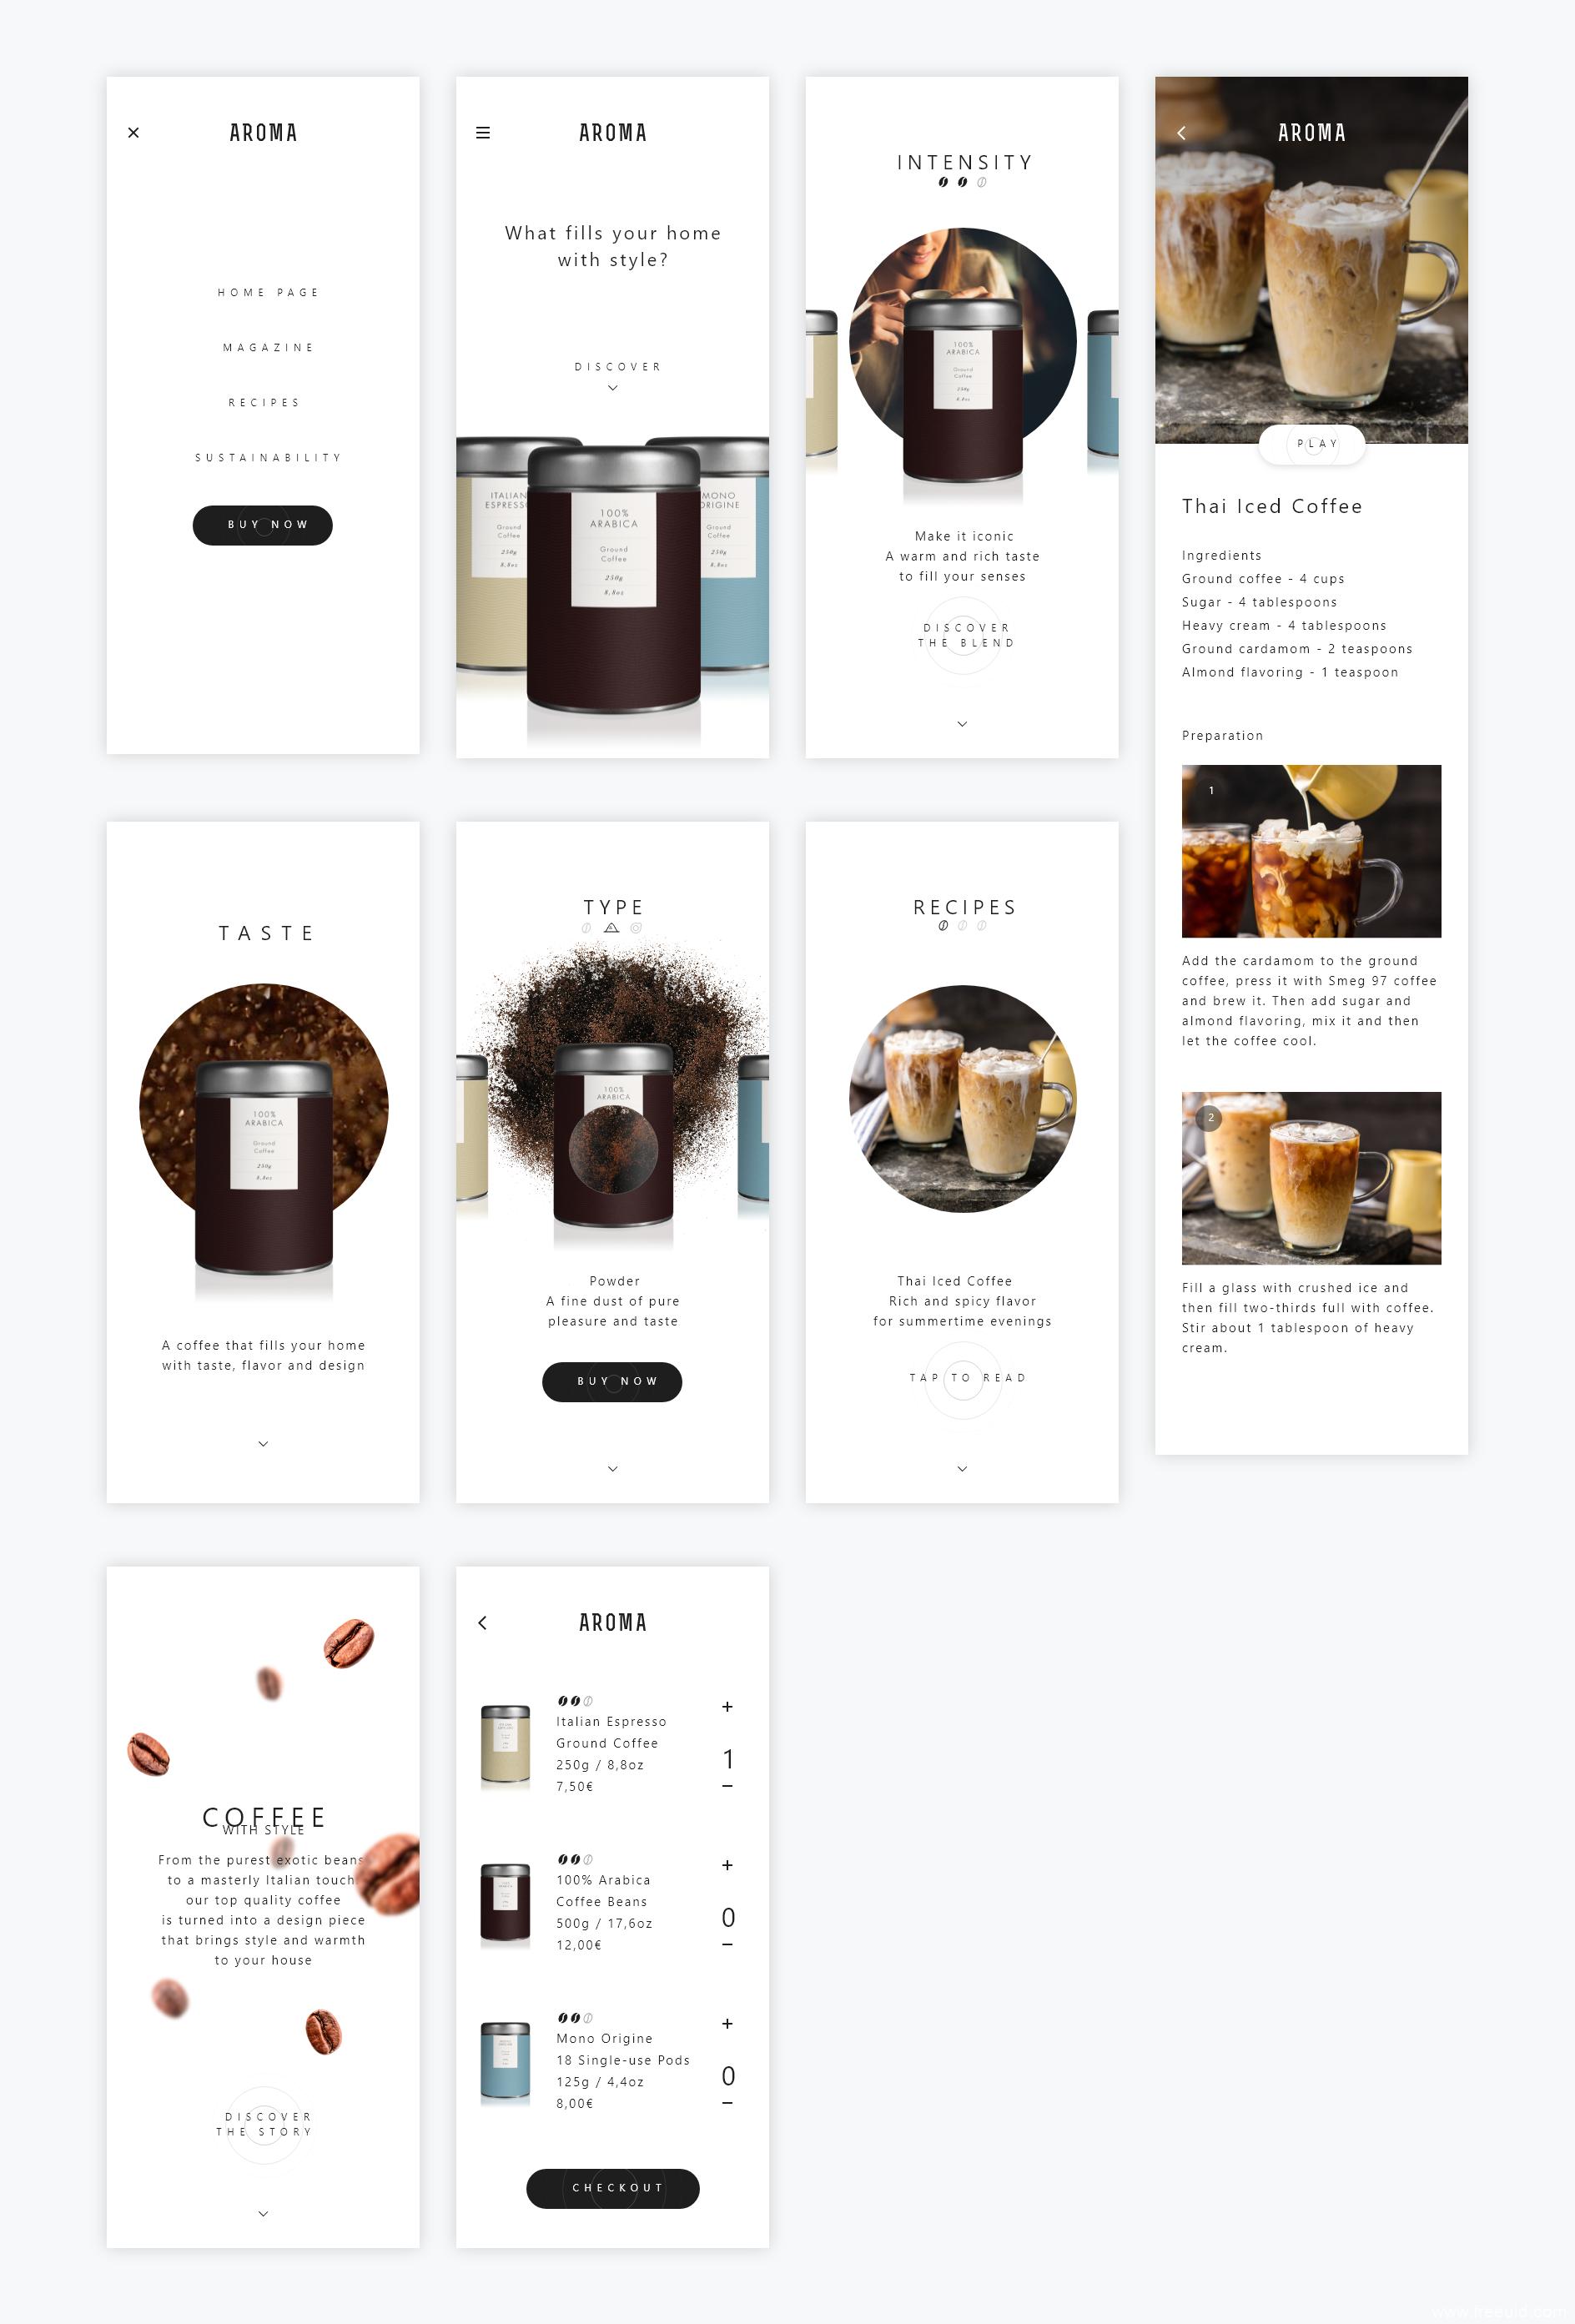 一套高端咖啡品牌电商UI素材源文件下载